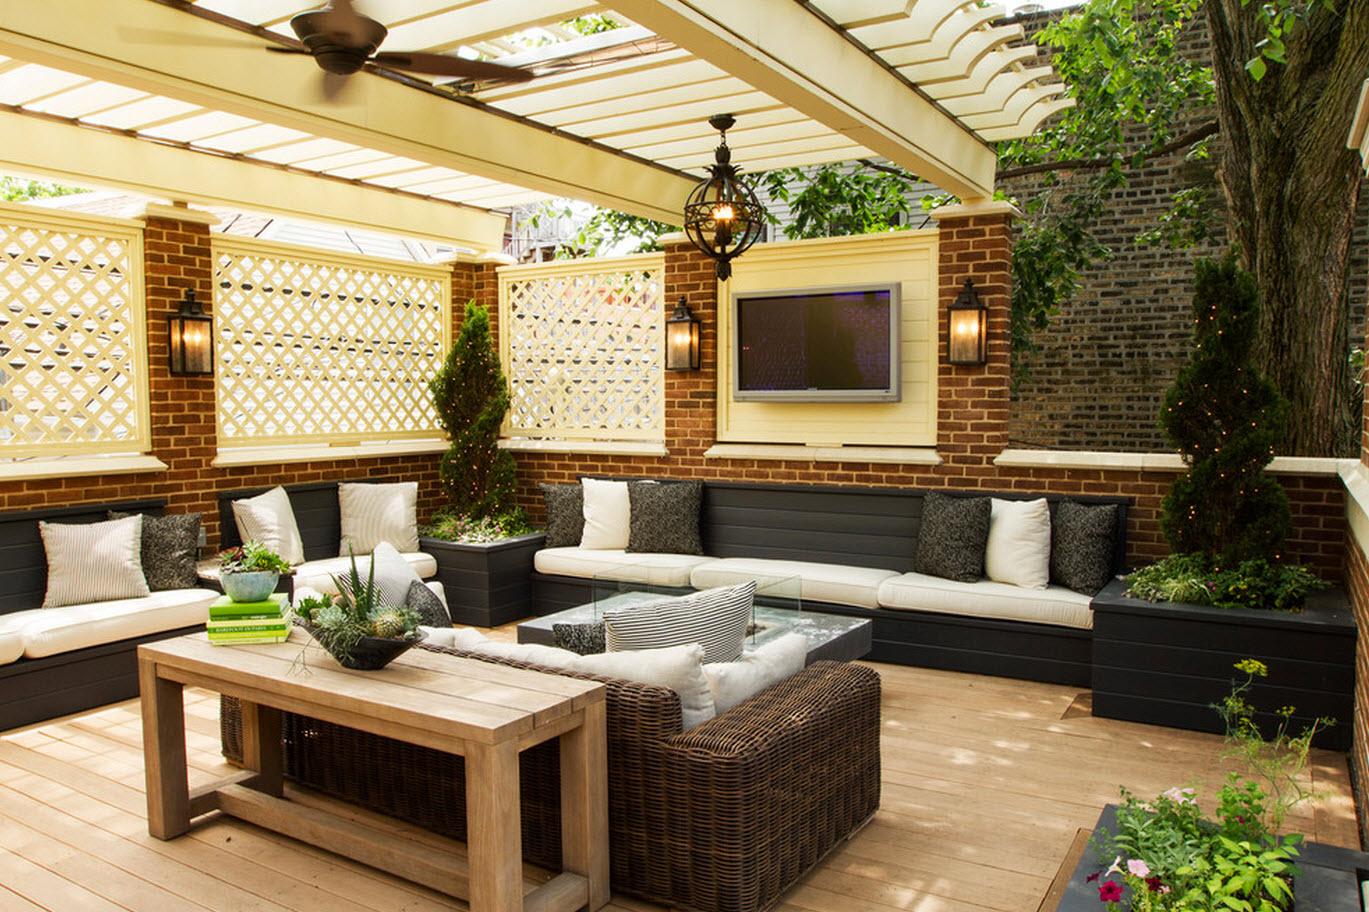 27 fotos terrazas casas modernas 17 decoracion de